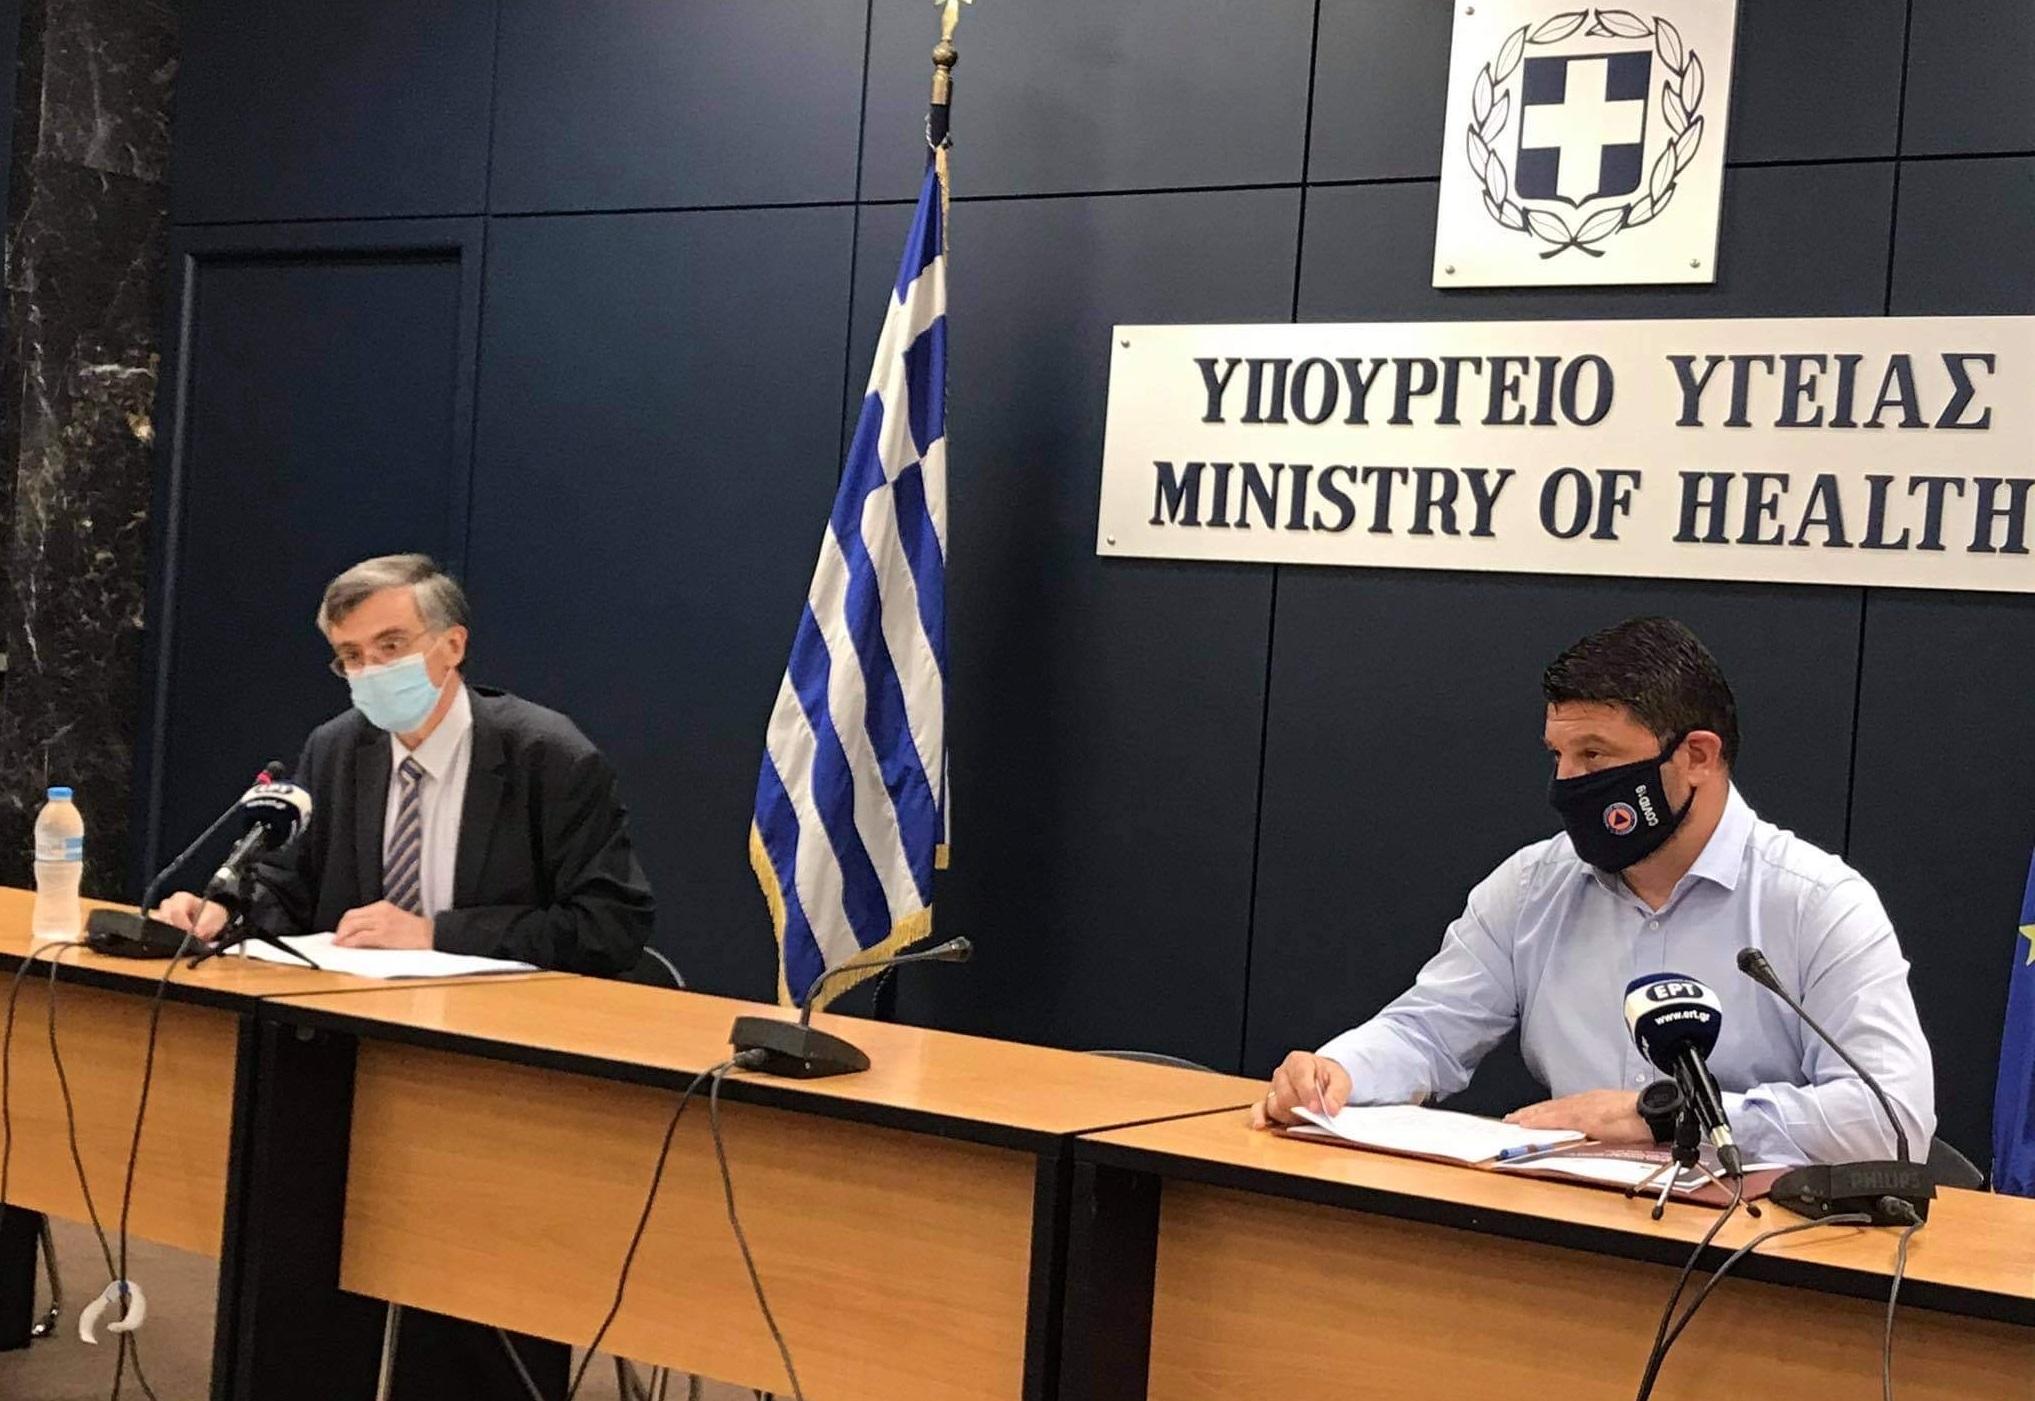 Κορονοϊός: Επιστρατεύτηκε ο Σωτήρης Τσιόδρας – Τι είπε για τα μέτρα, το lockdown και την προσωπική επιλογή